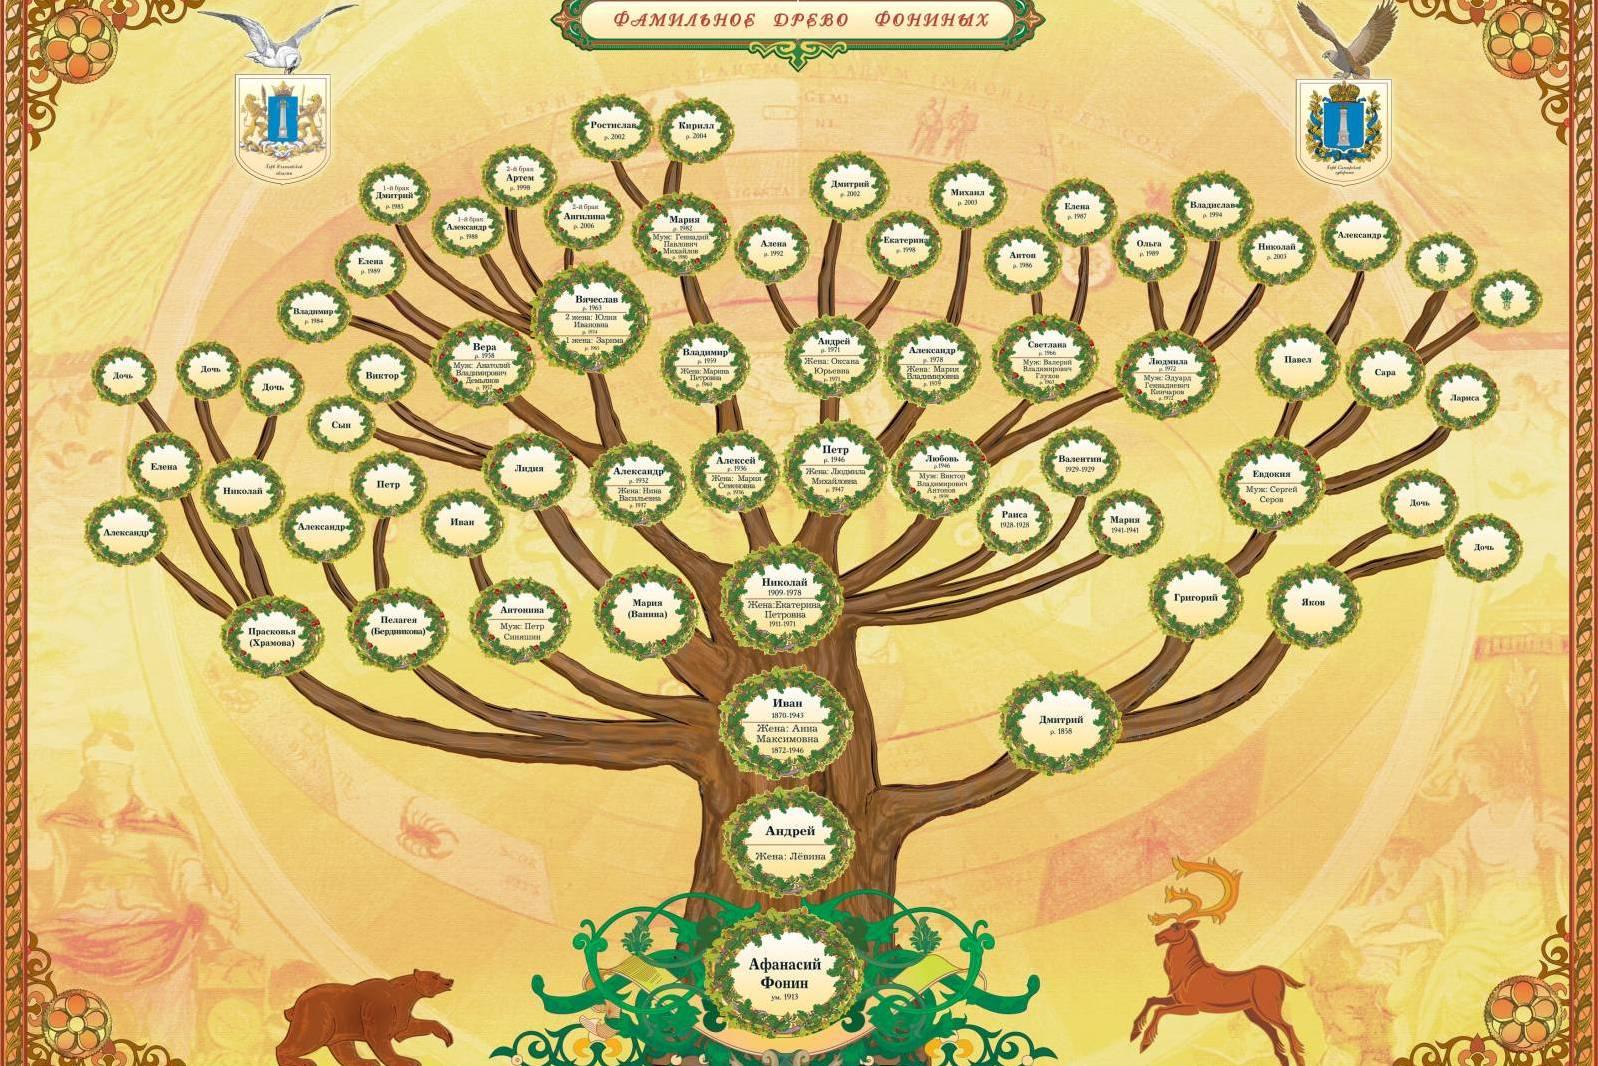 Как нарисовать семейное дерево? Как Нарисовать Семейное Дерево